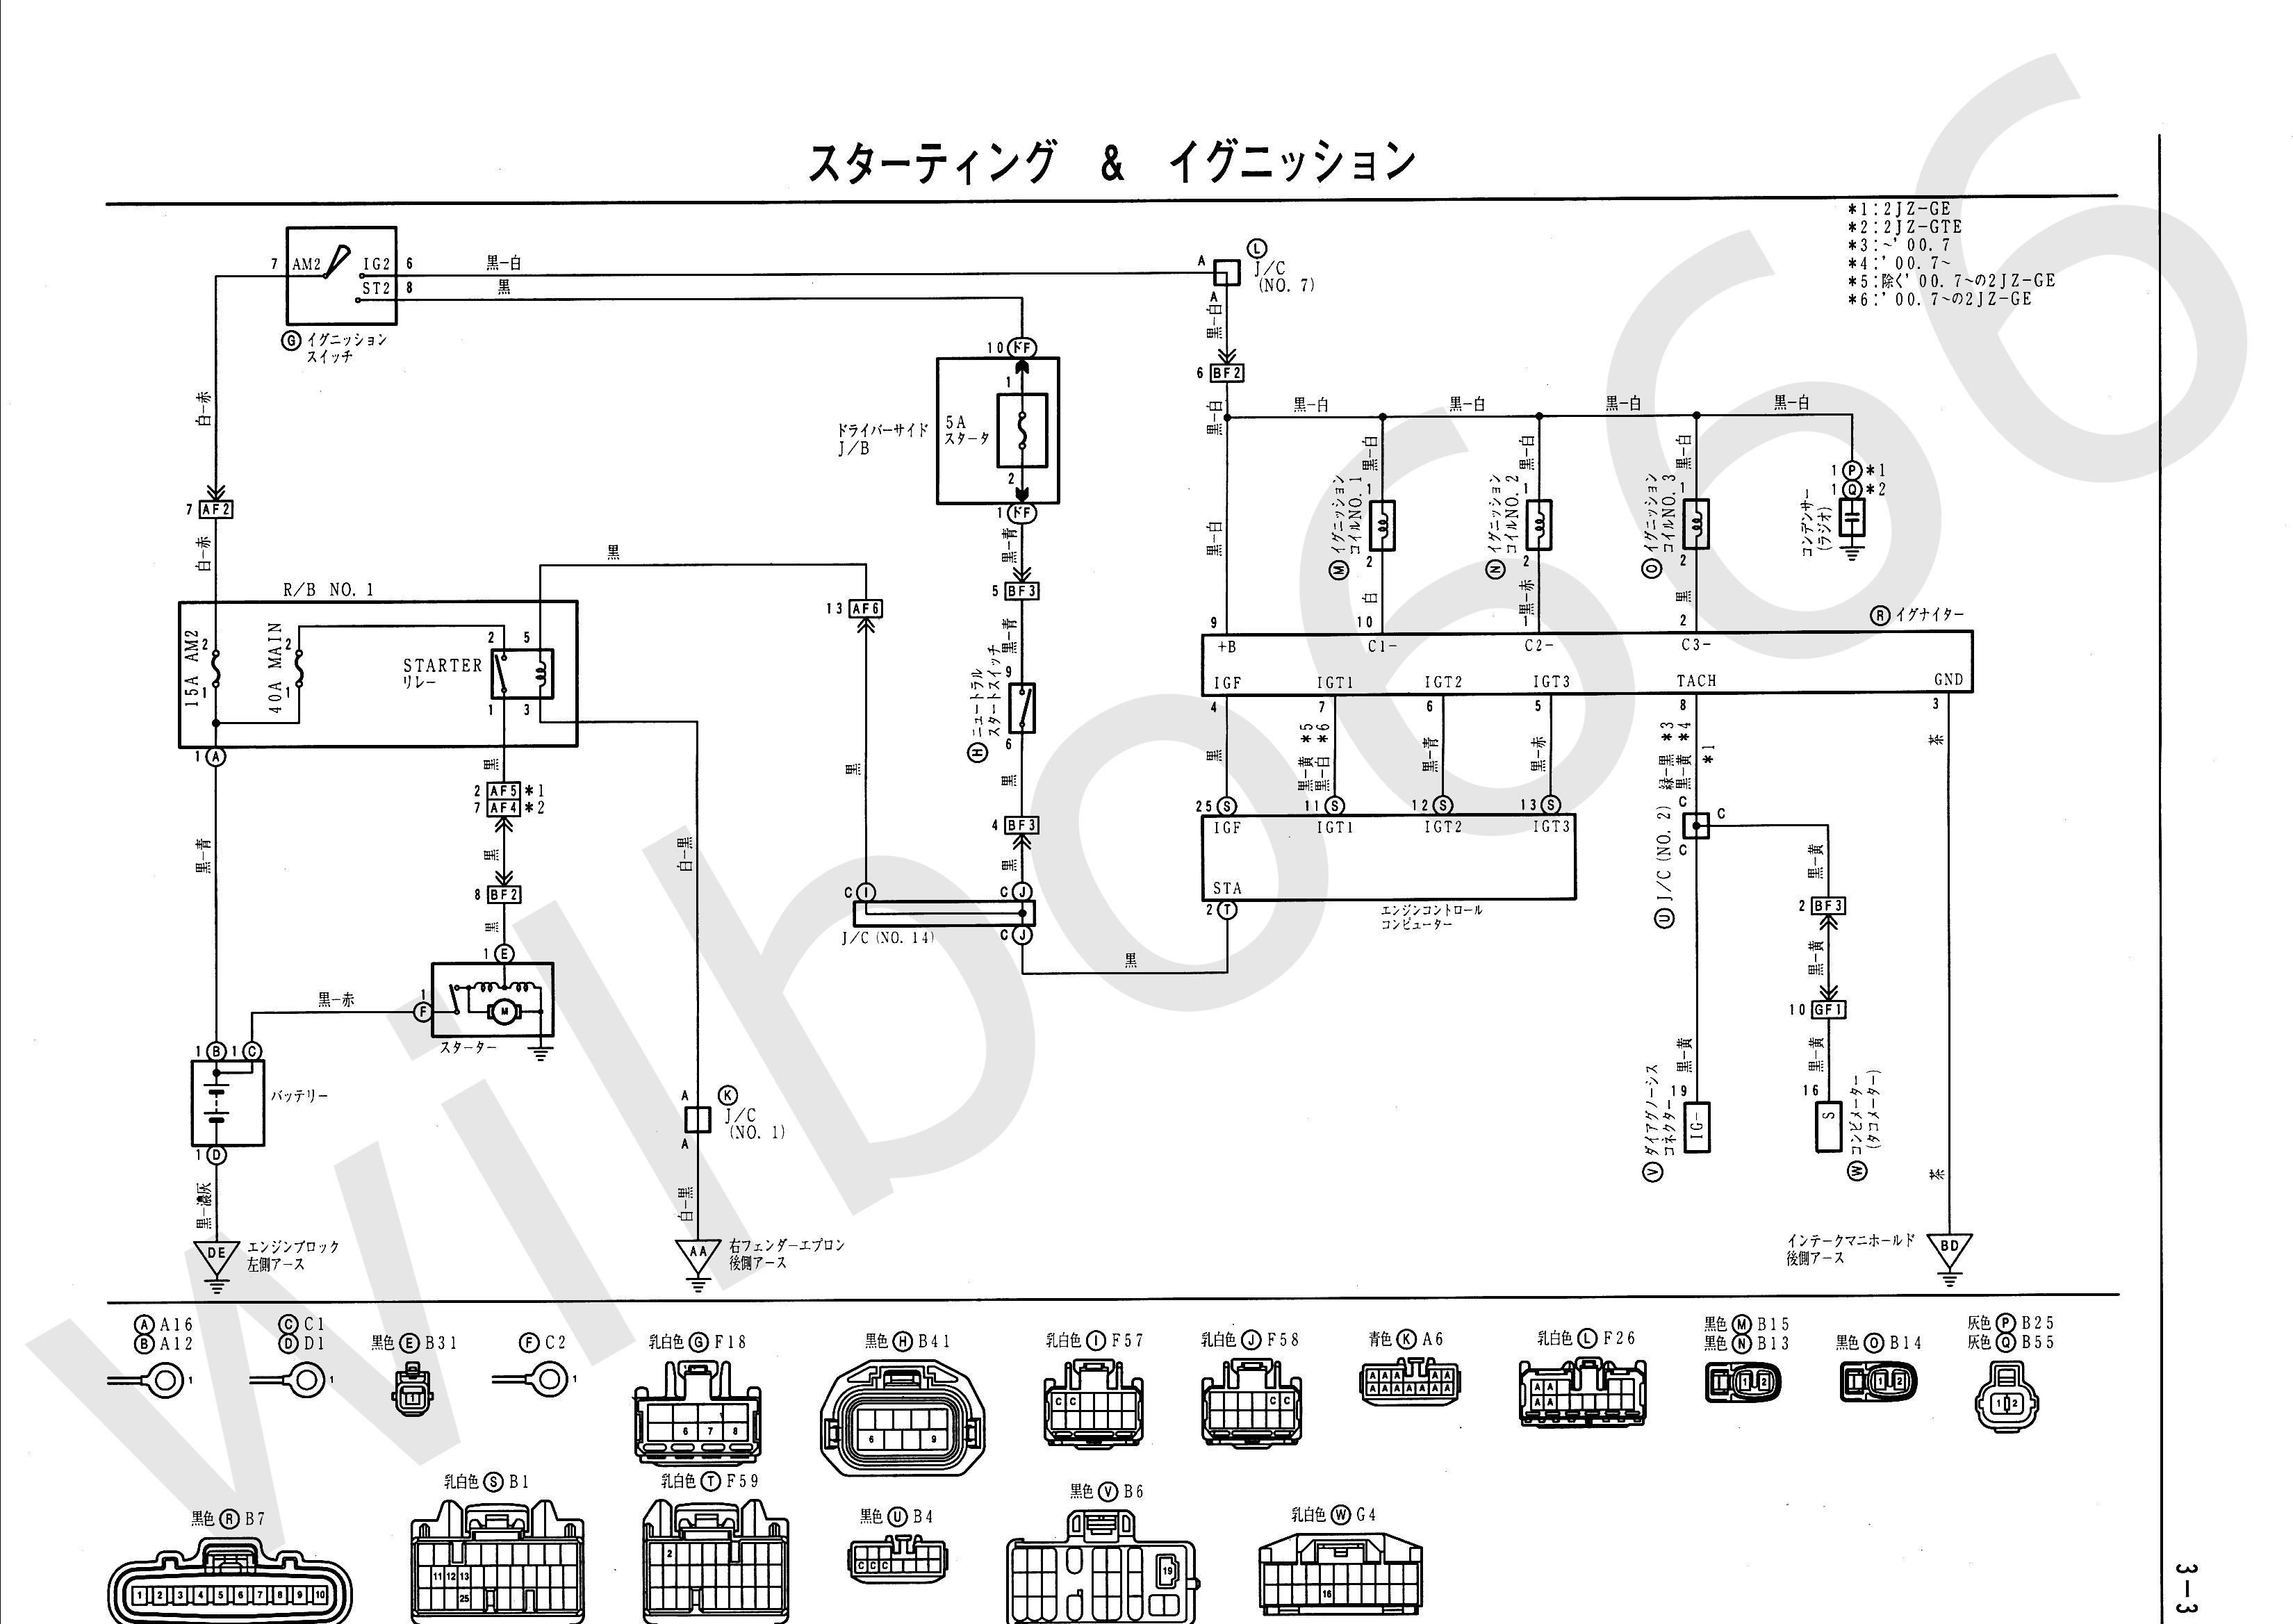 Wilbo666 / 2Jz-Gte Vvti Jzs161 Aristo Engine Wiring - Pressure Switch Wiring Diagram